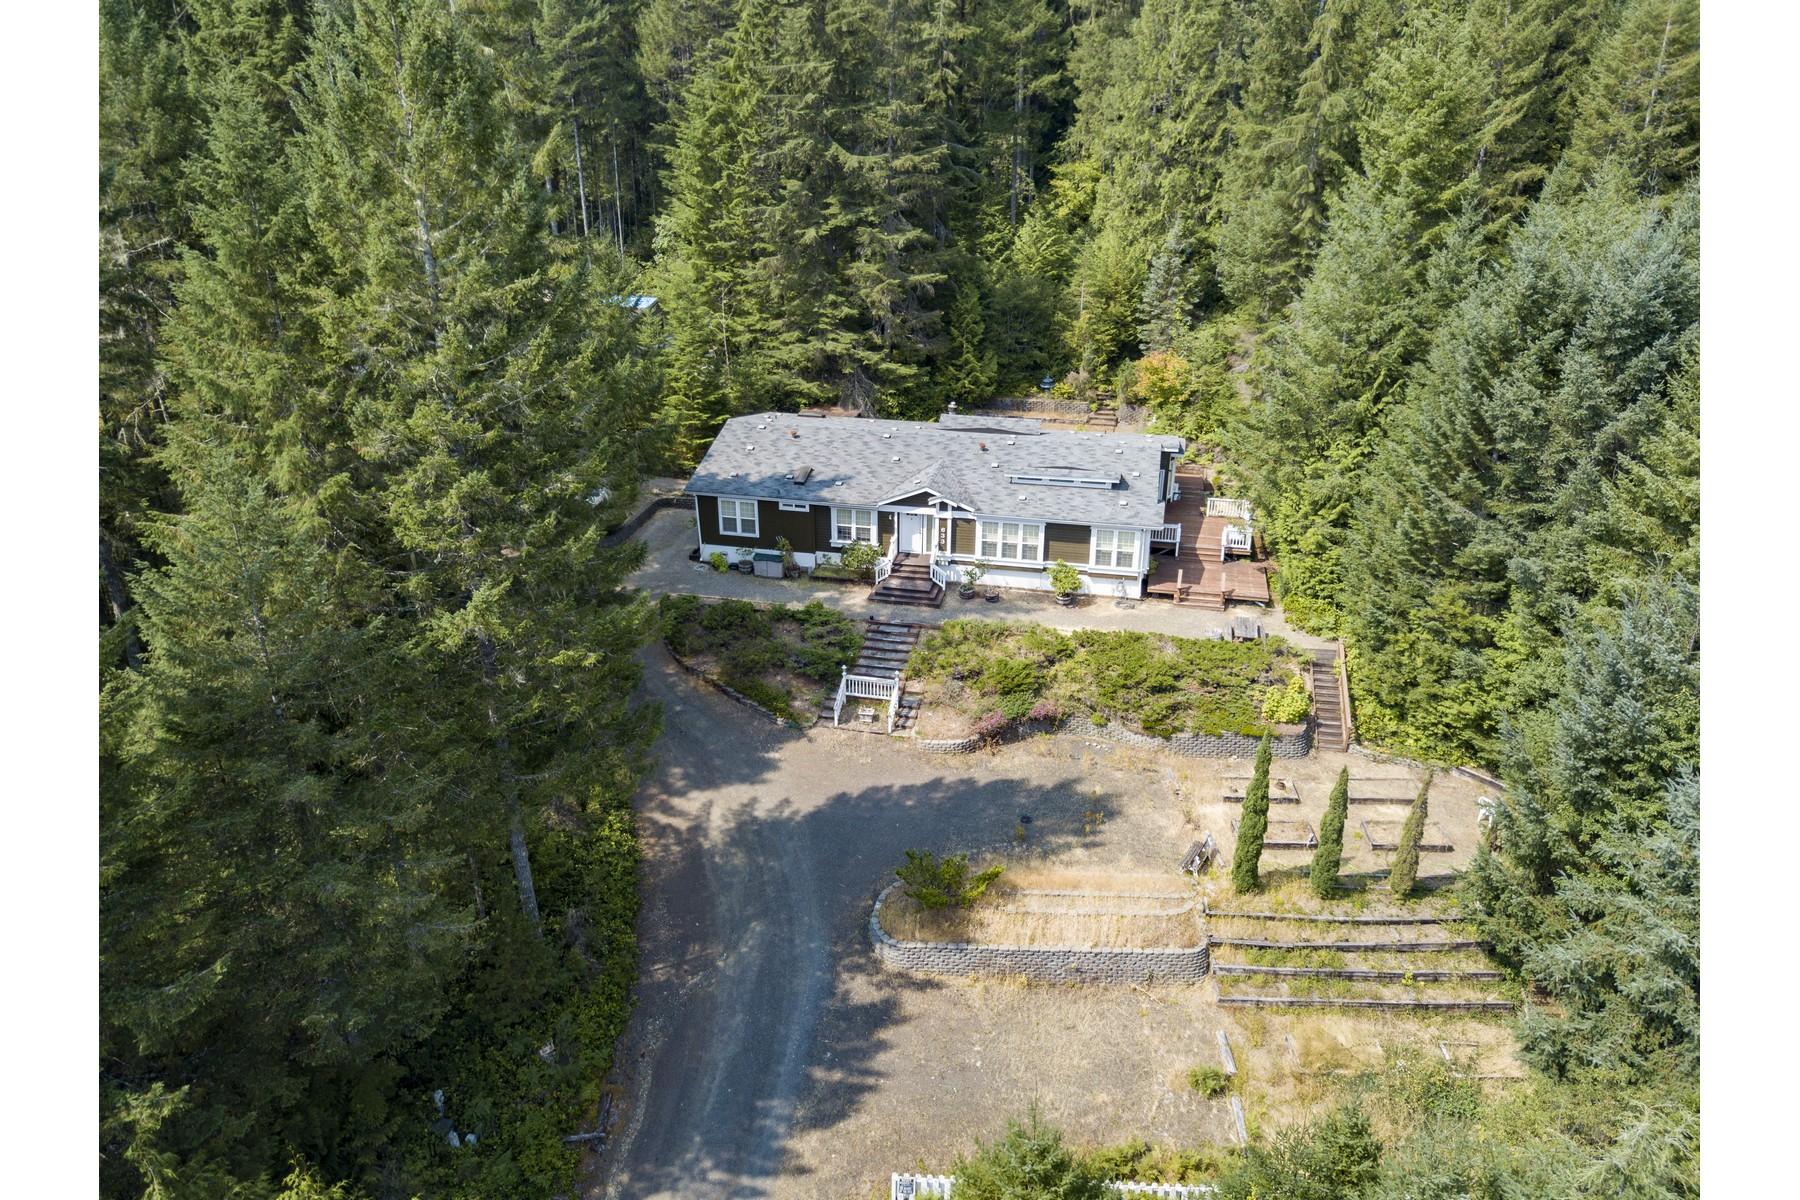 Land for Sale at Hoodsport Land 2 N Hoodcastle Dr Shelton, Washington 98584 United States